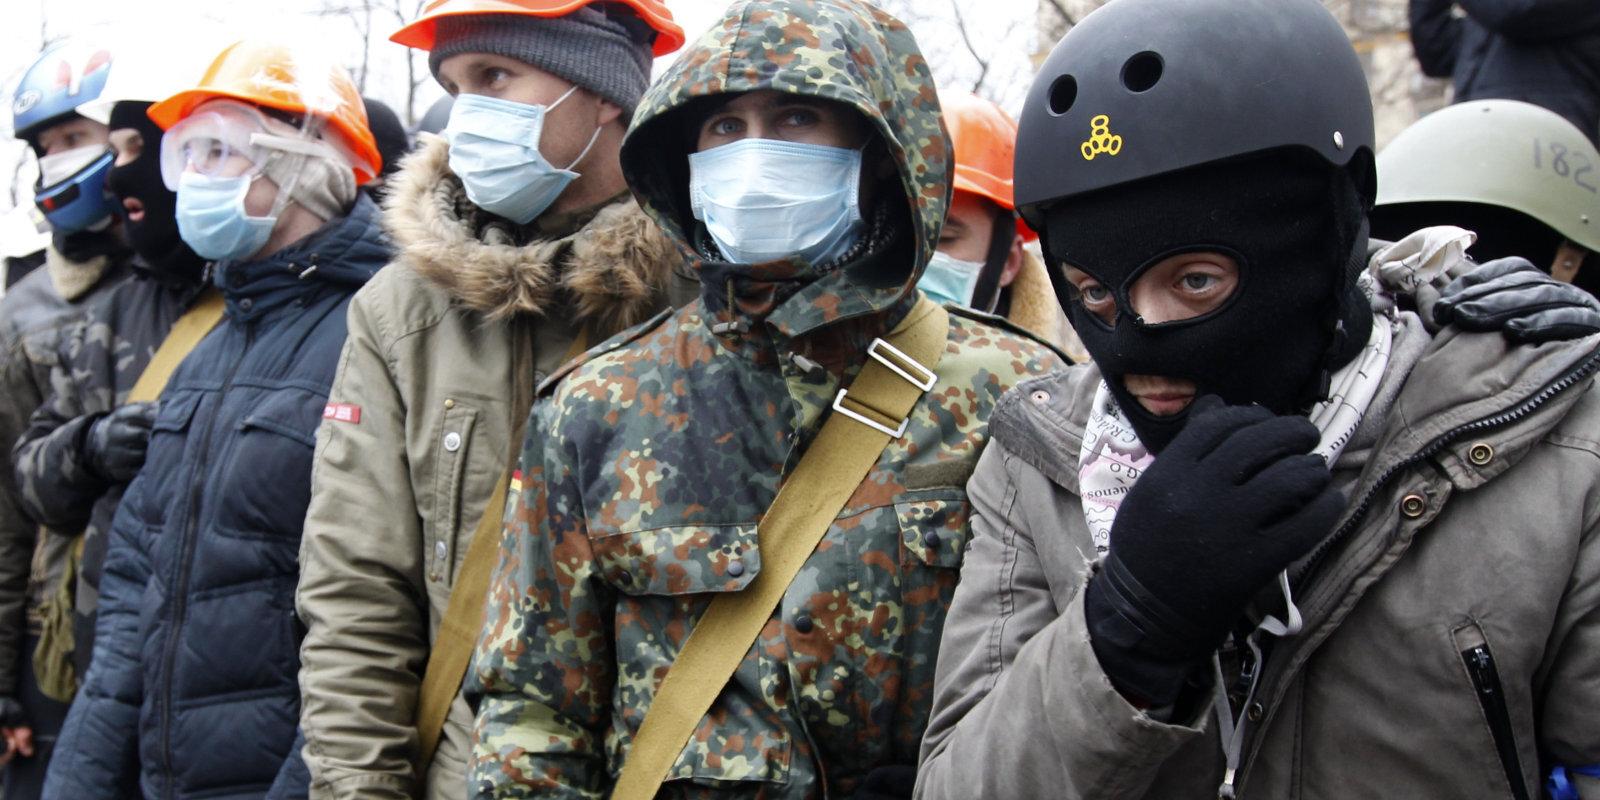 Atis Klimovičs: Ukrainā uzskatīja, ka bērnus nedrīkst sist!